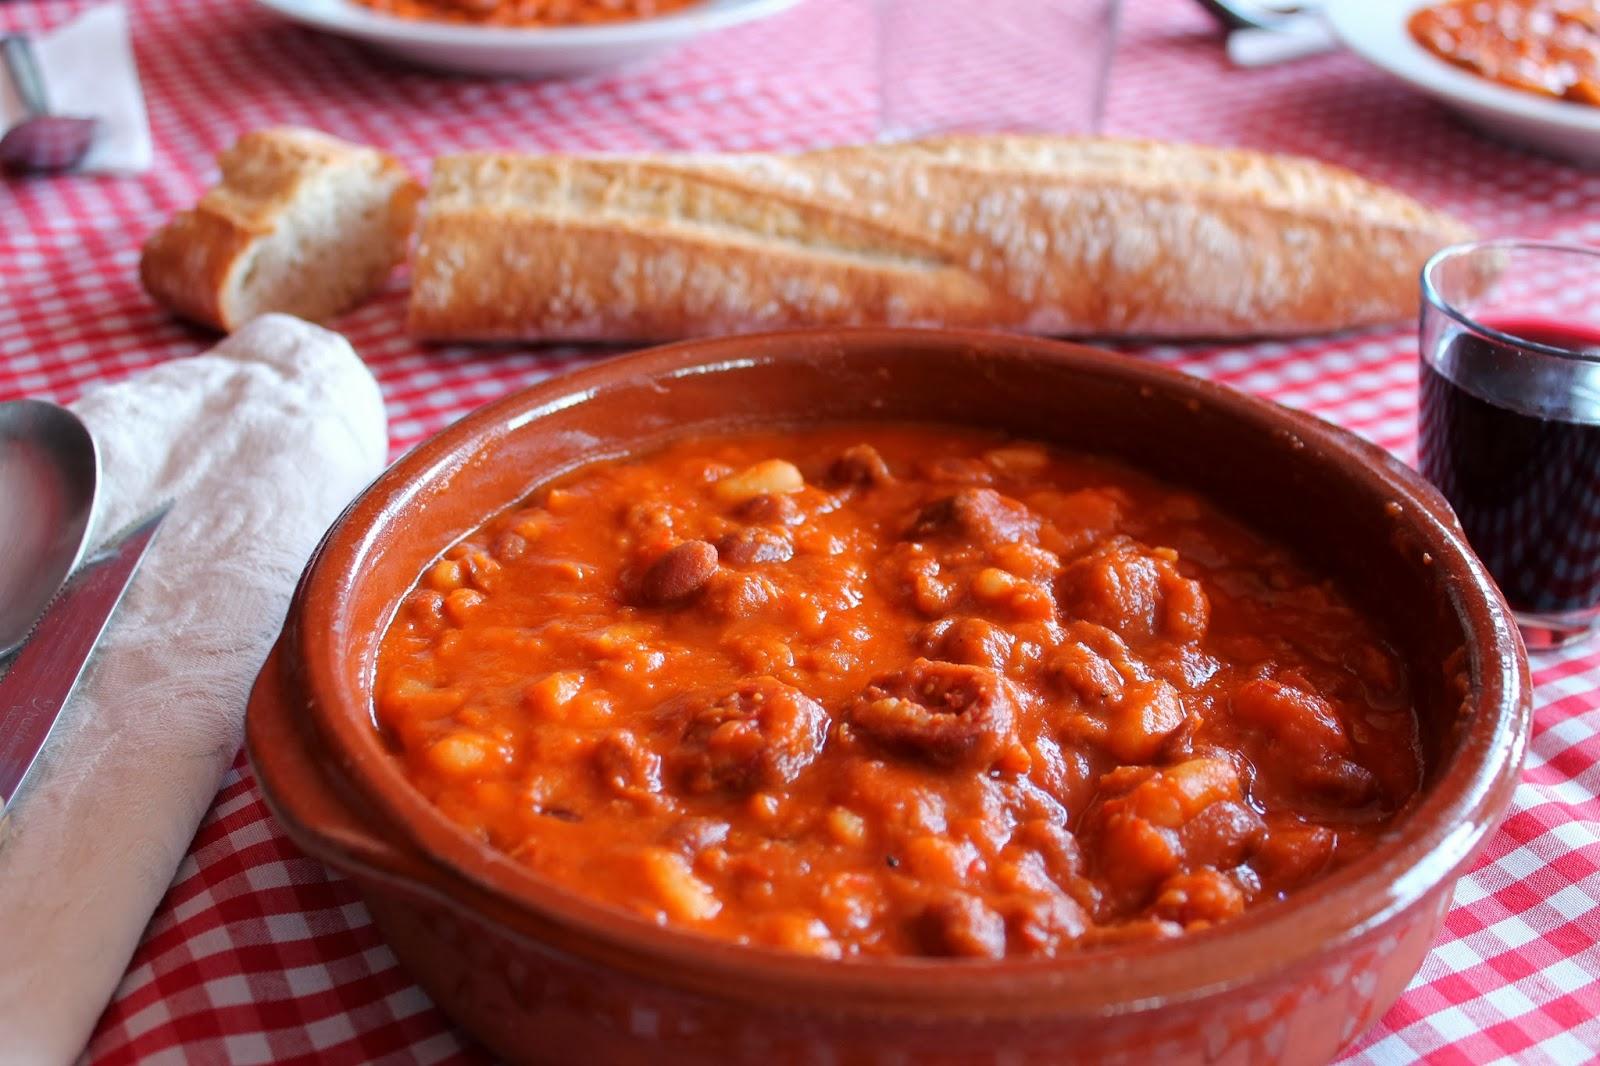 Orielo 39 s kitchen recetas sin lactosa cocina con - Como cocinar alubias pintas ...